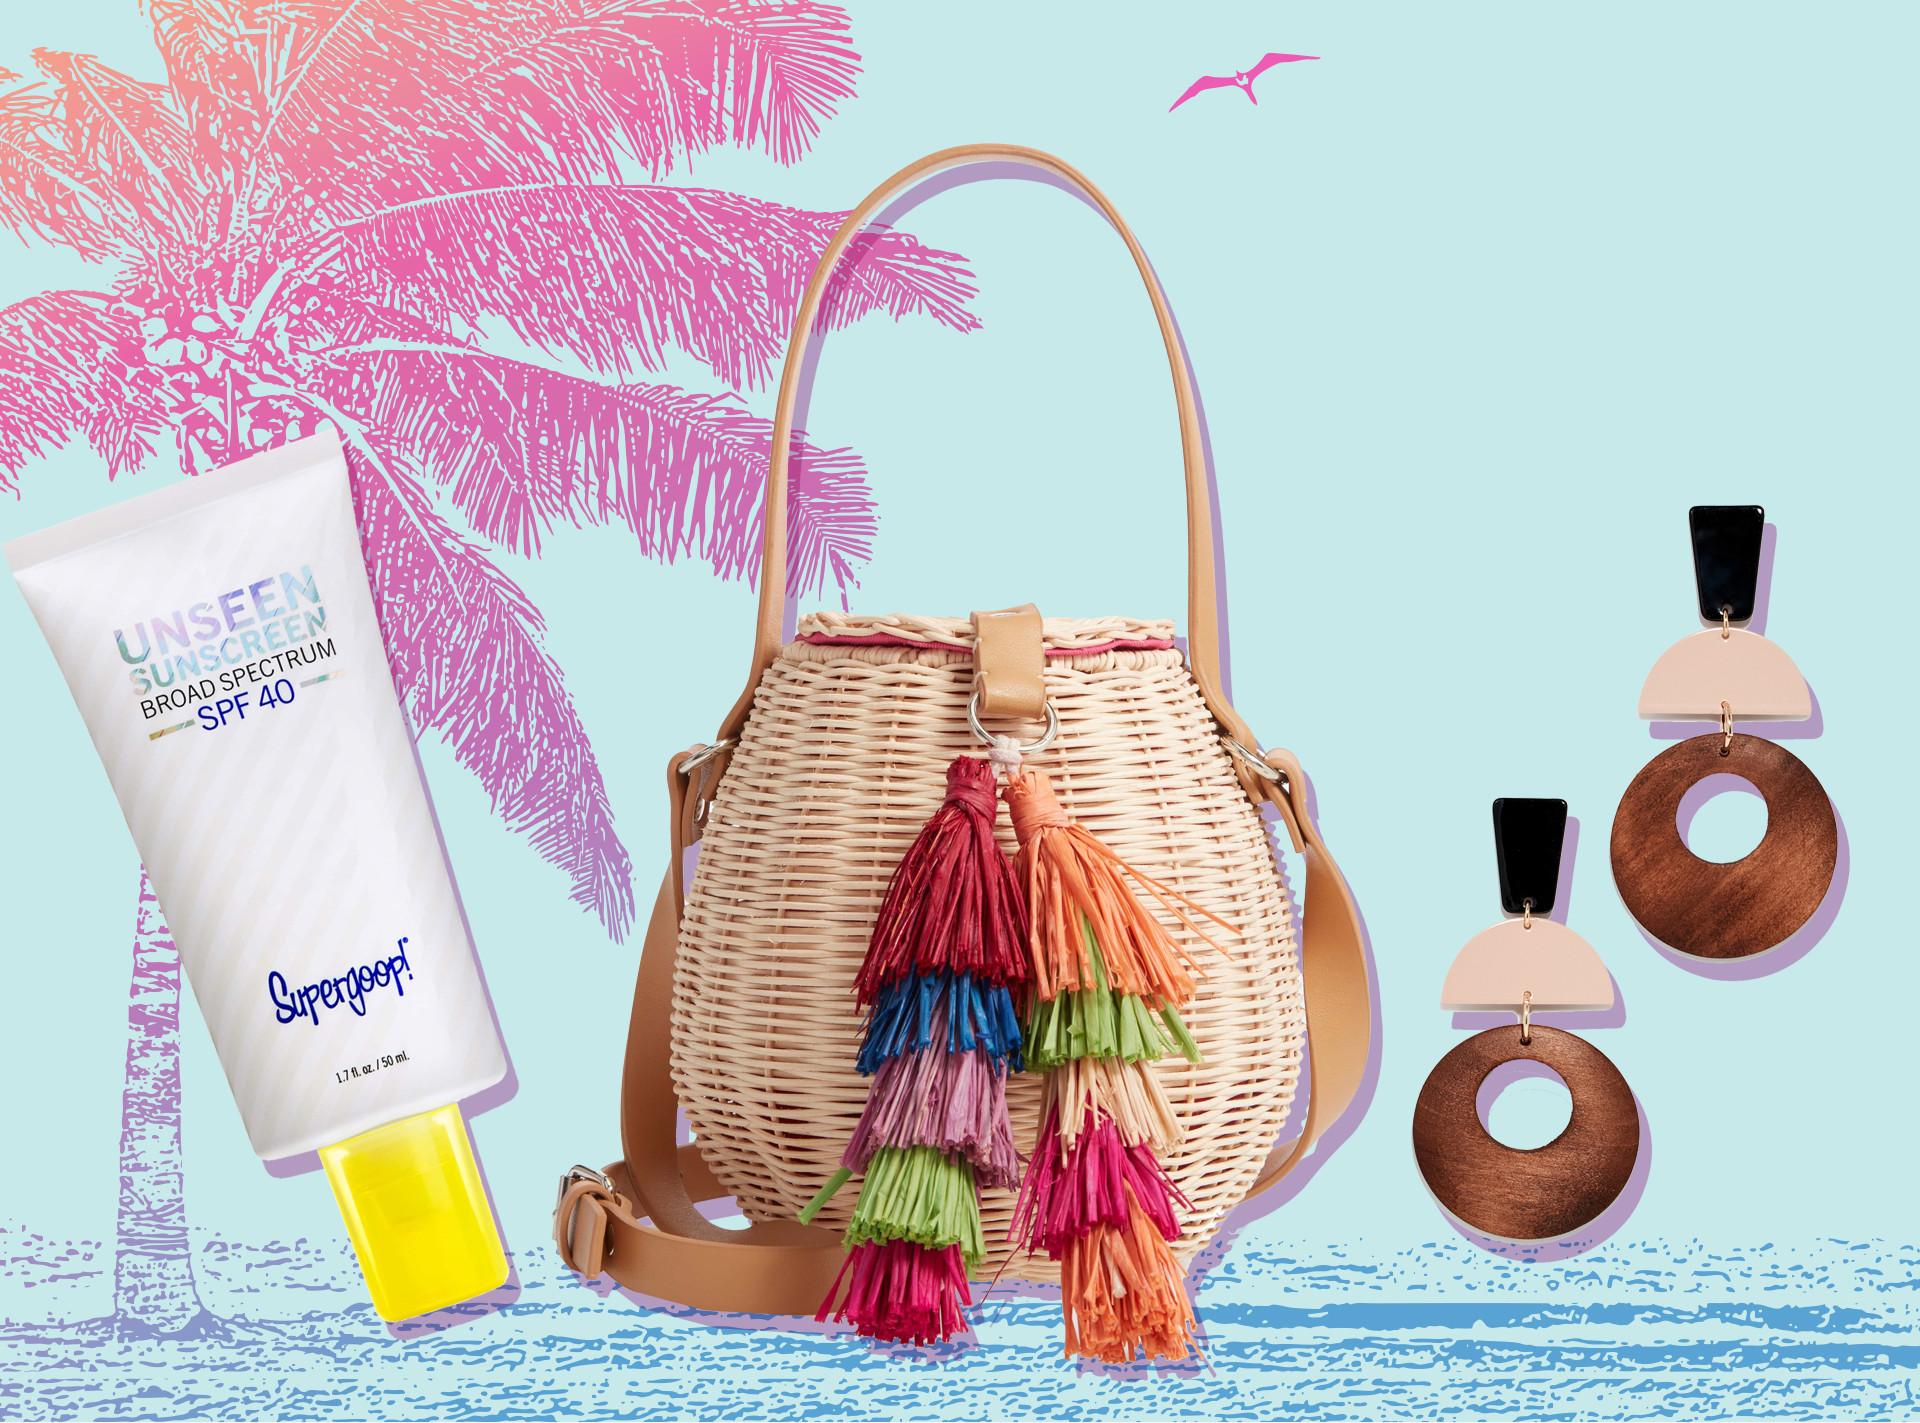 E-Comm: Pack Like a Celeb for Spring Break